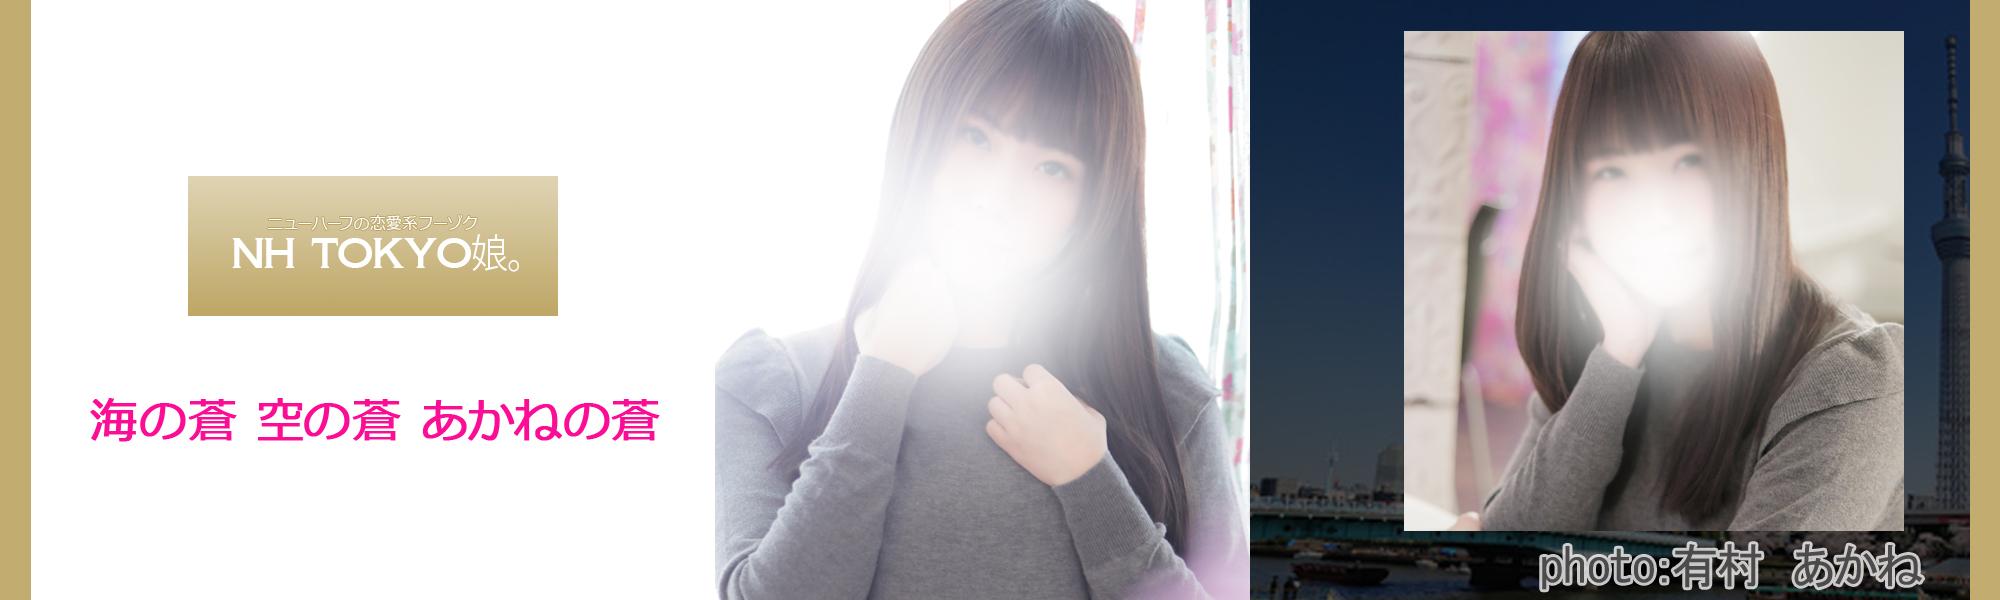 錦糸町ホテヘル ニューハーフのNH TOKYO娘。18年01月_有村 あかね